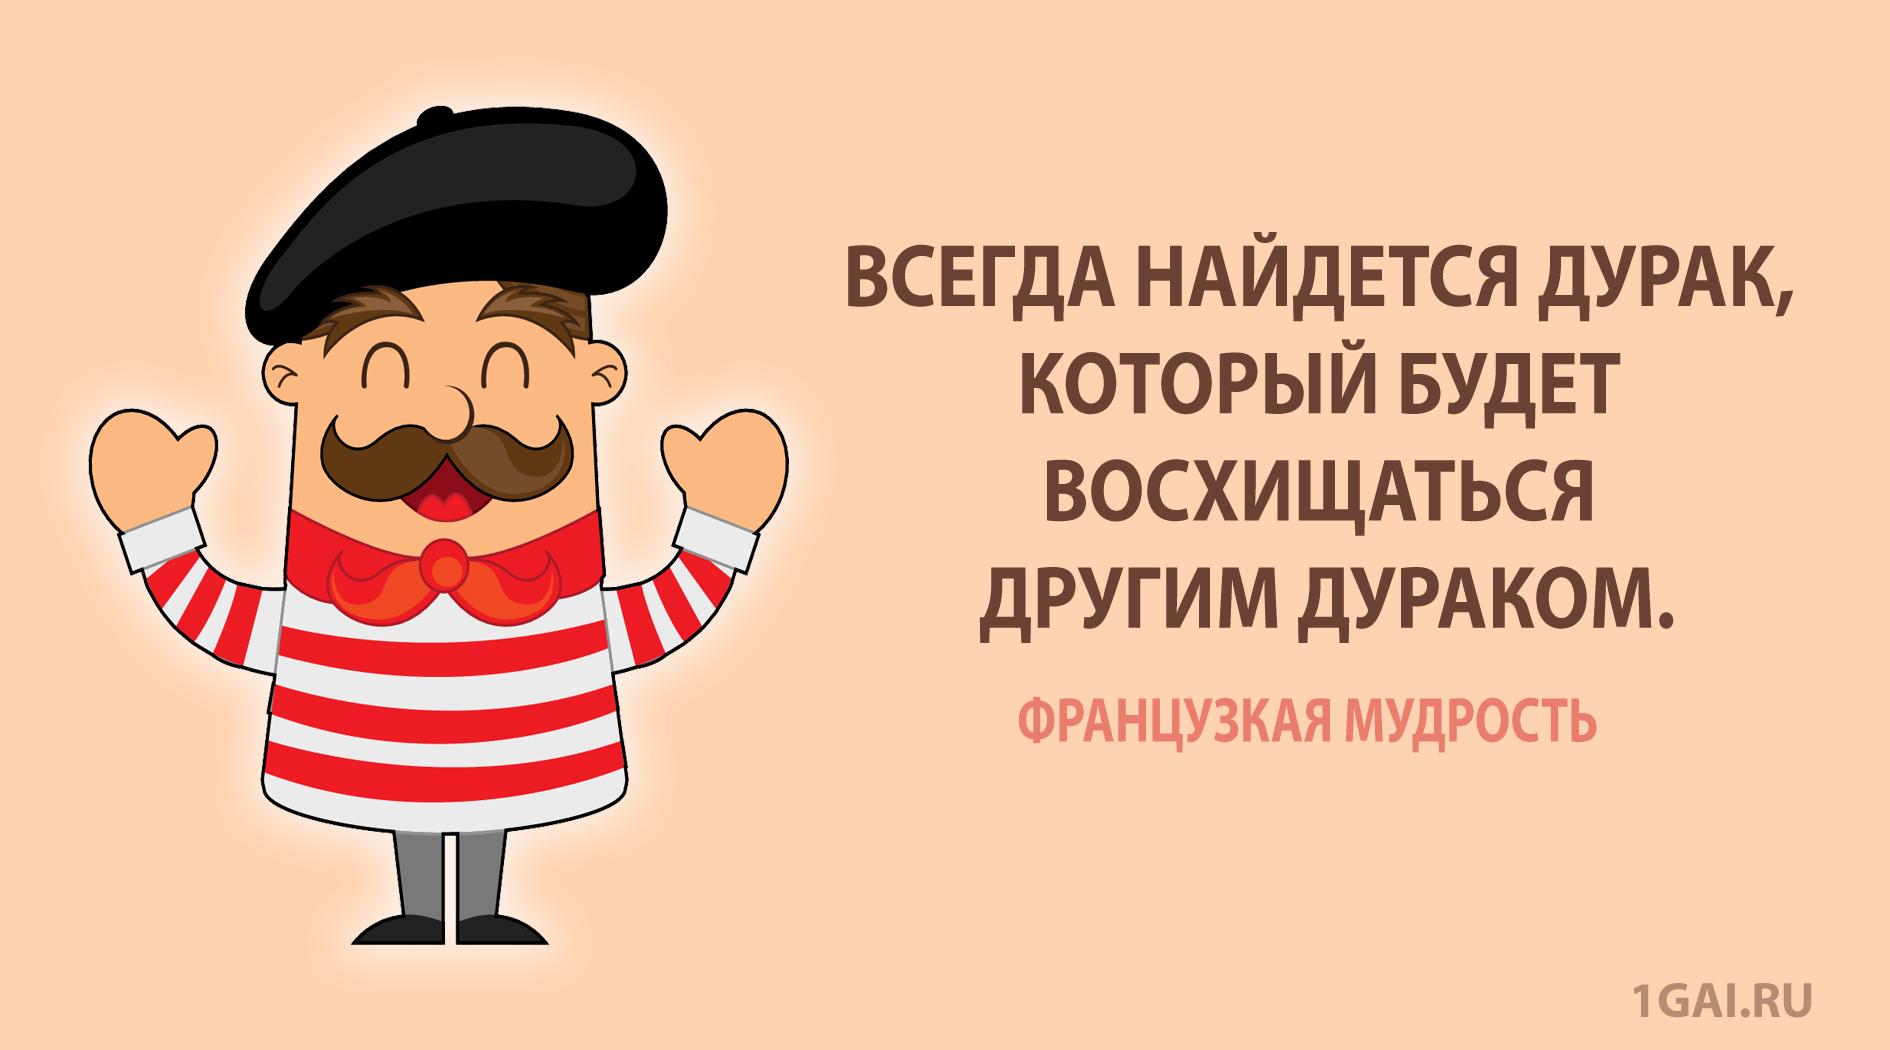 1596805772_45454885555.jpg